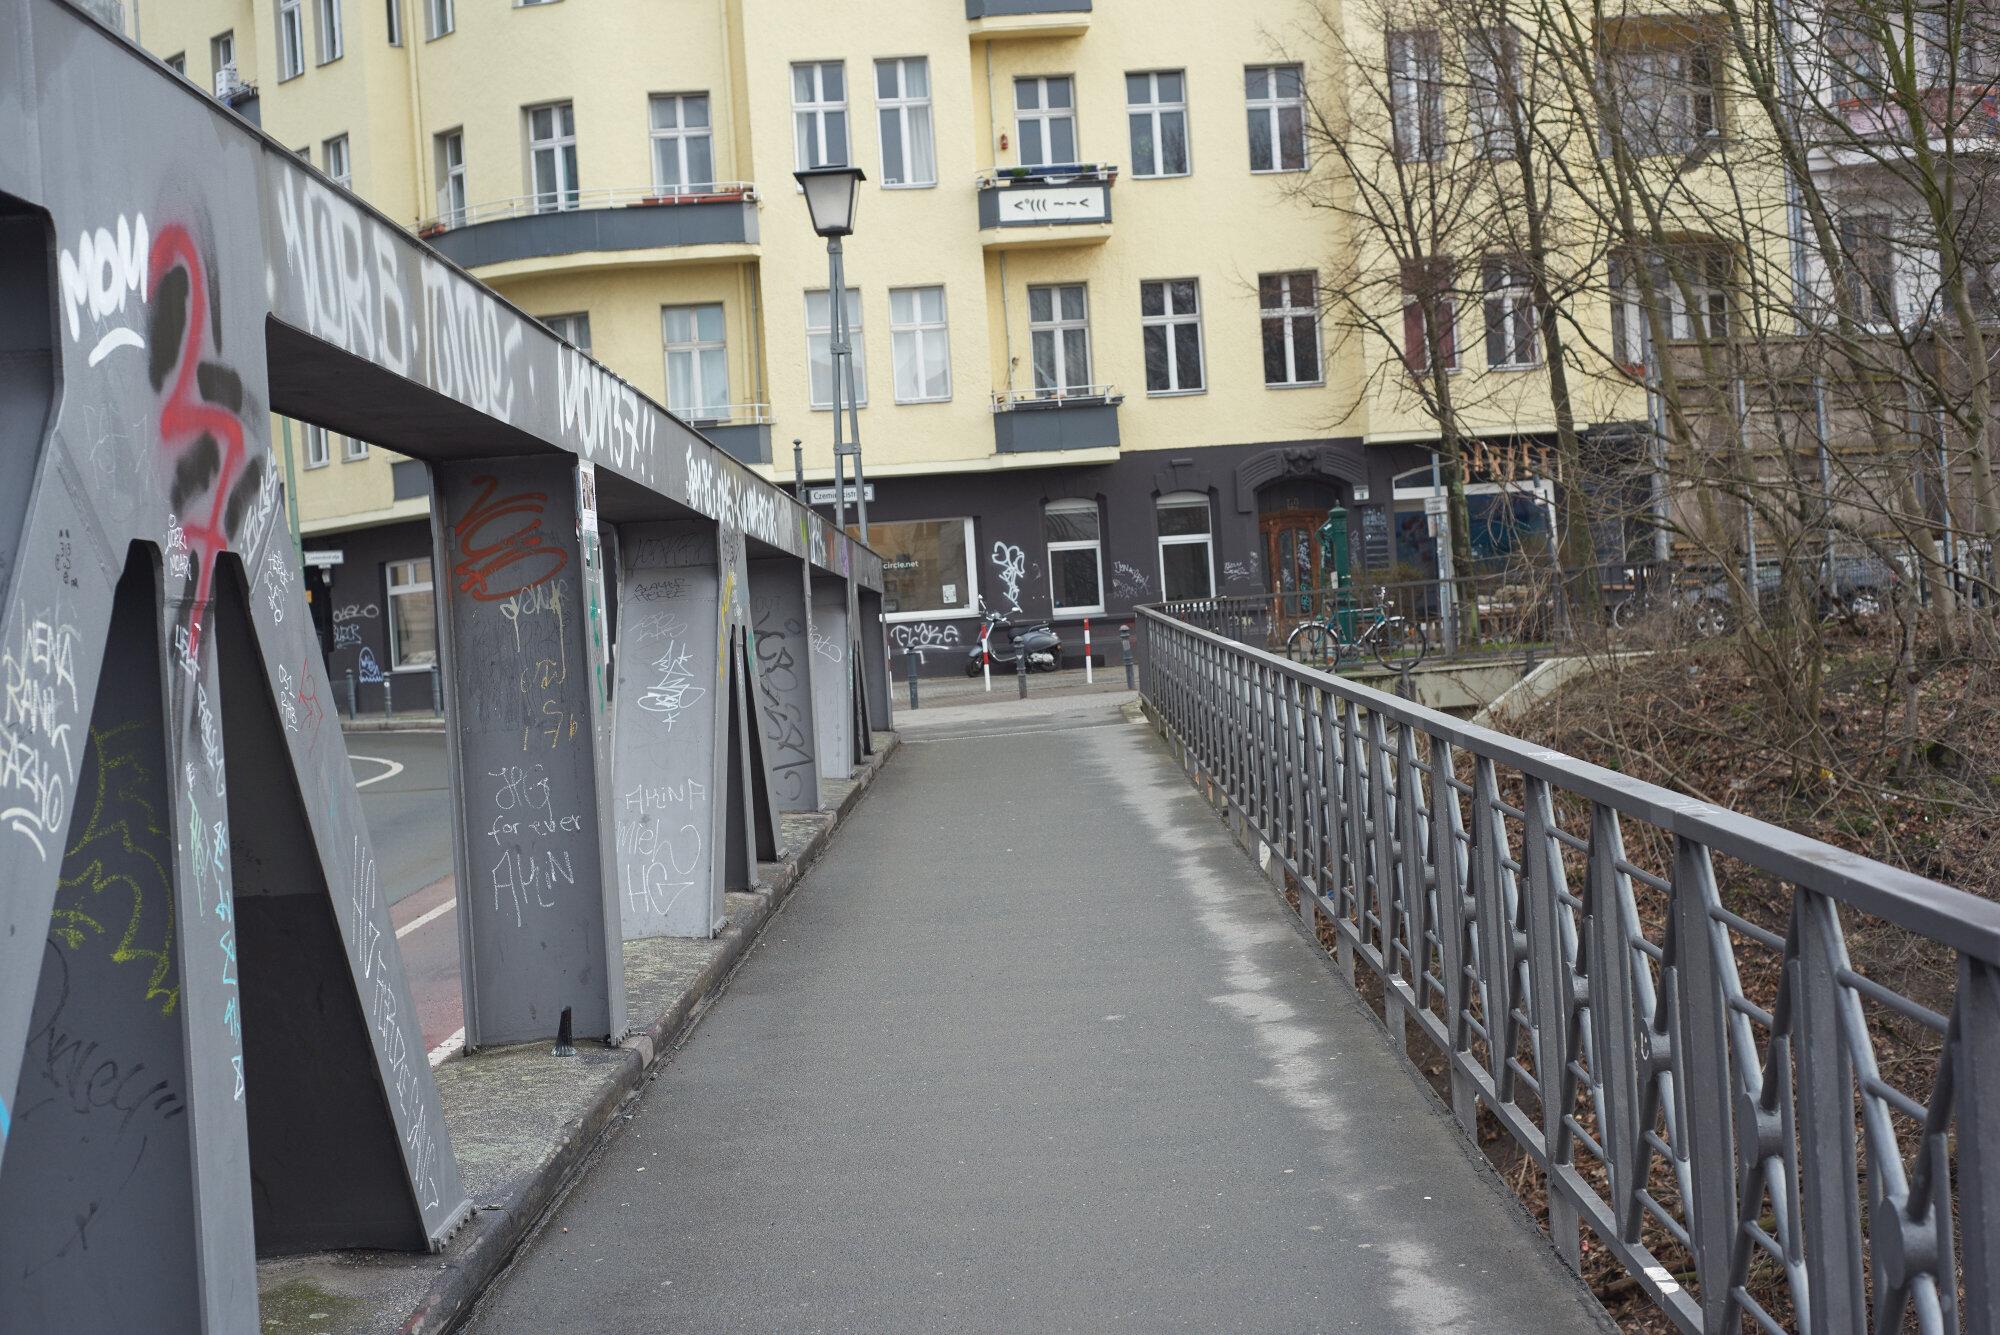 A bridge_042.jpg